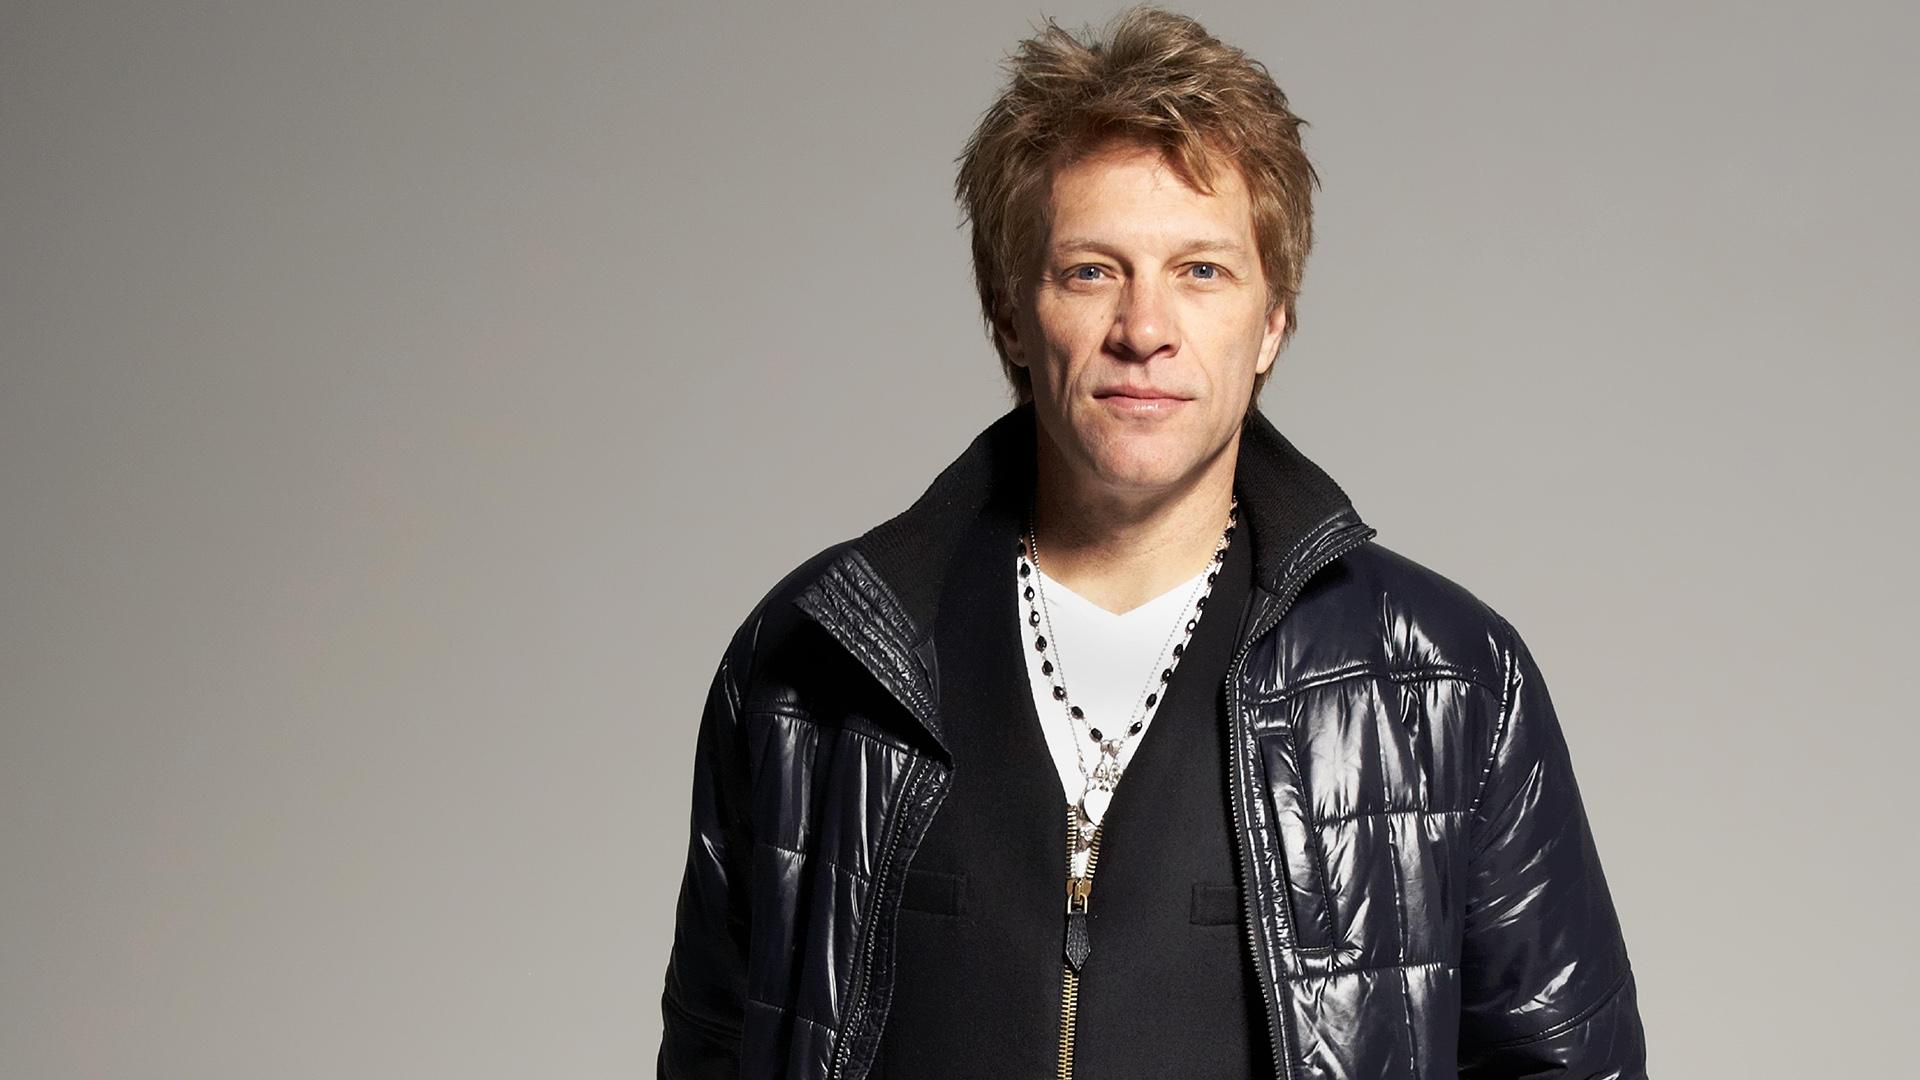 Please Come Home For Christmas av Jon Bon Jovi